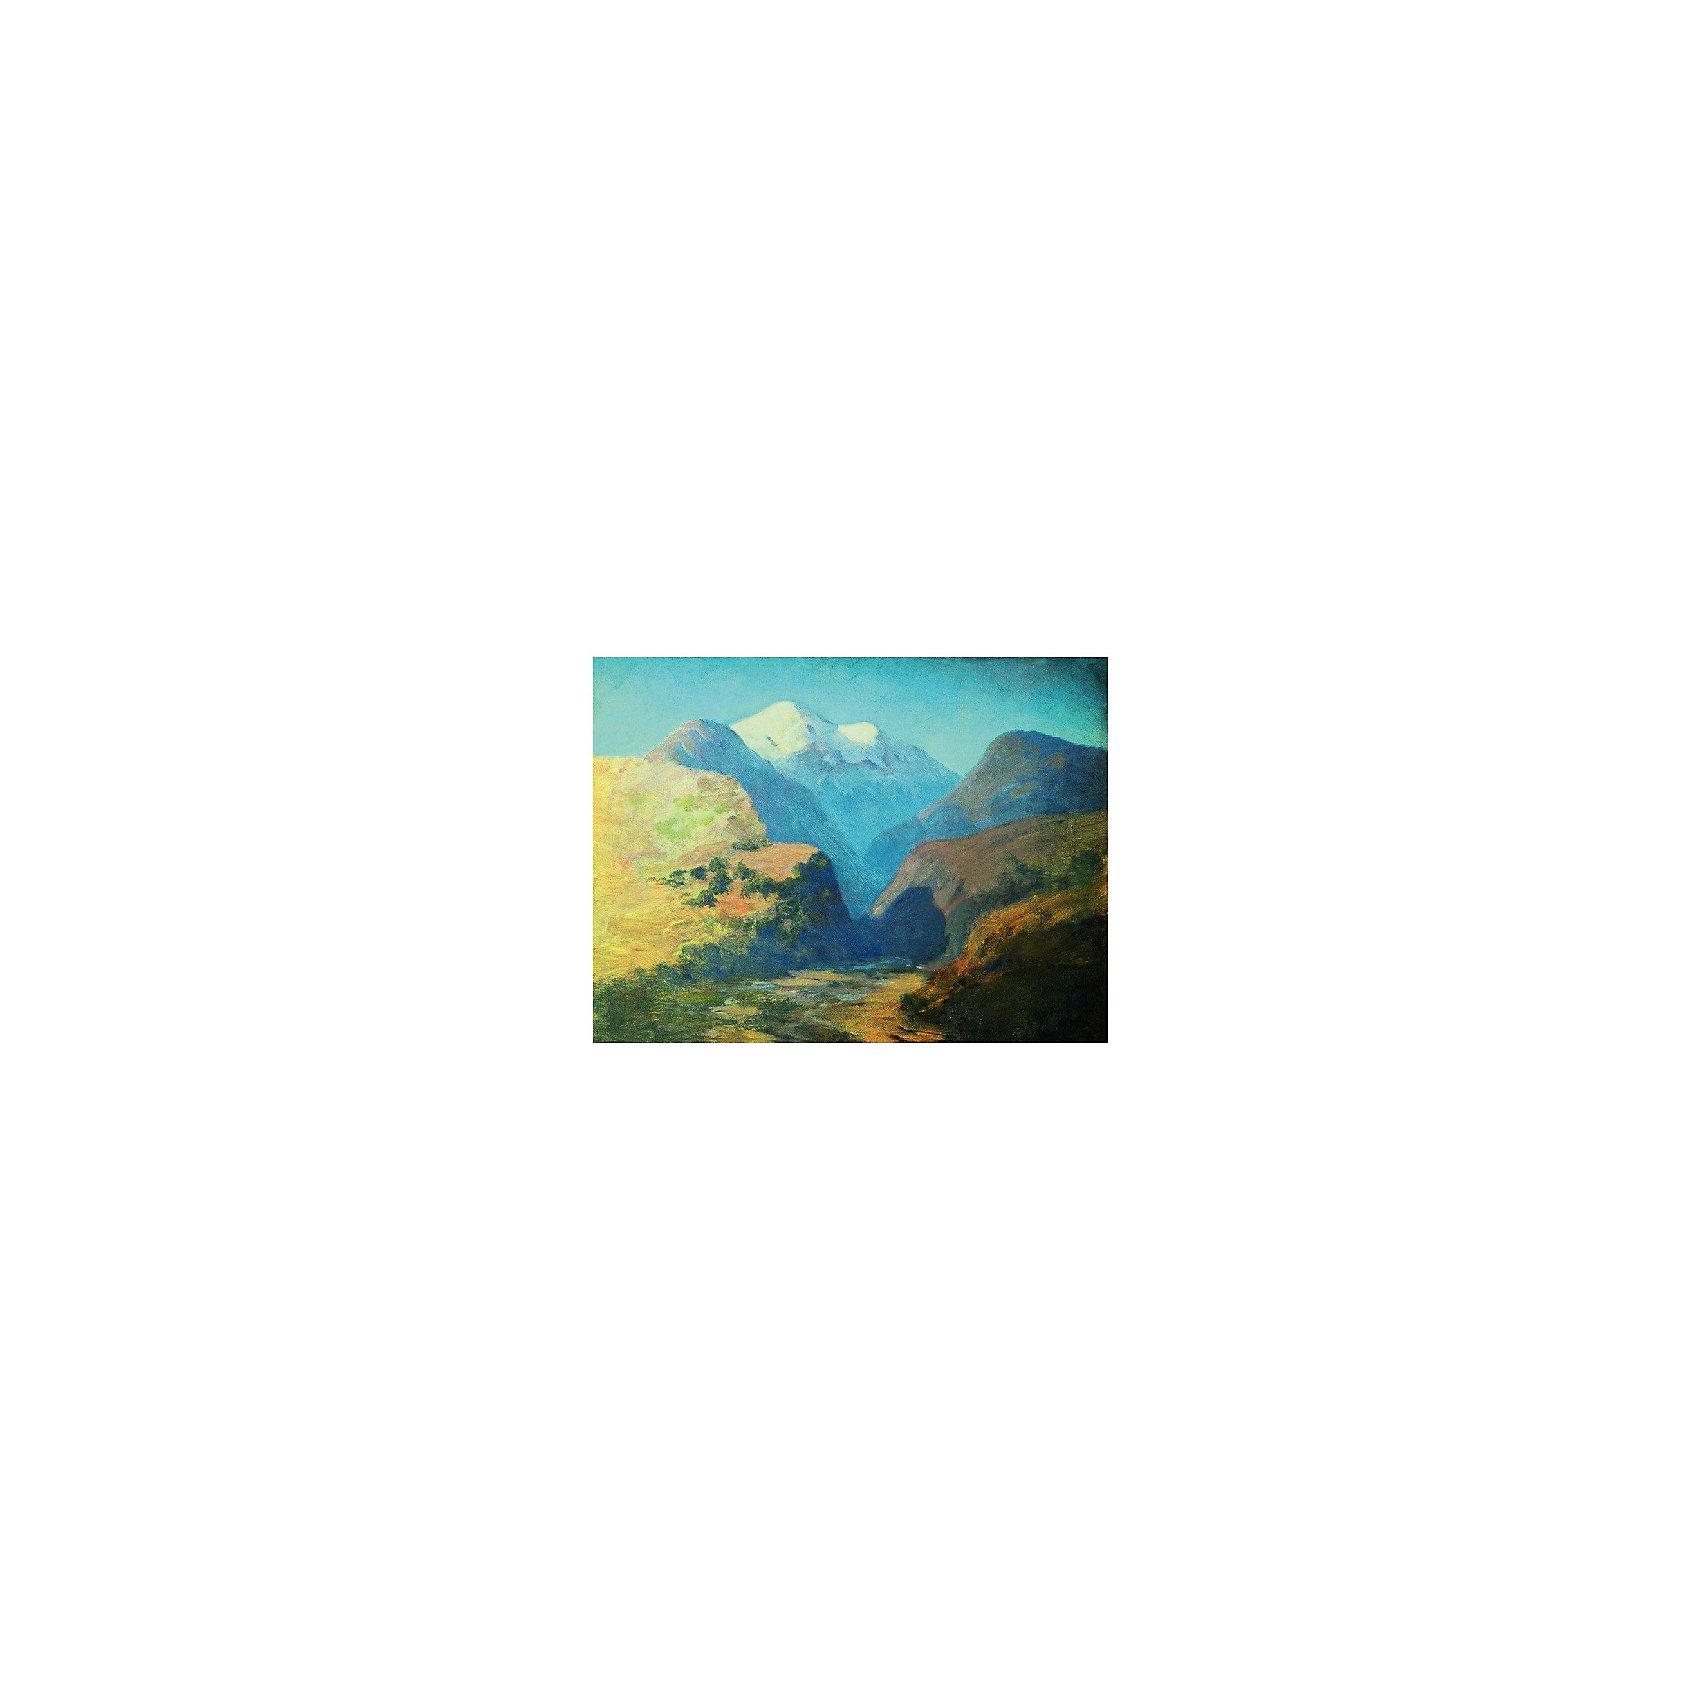 Картина по номерам Куинджи: Снежные вершины, Кавказ, 40*50 смРисование<br>Характеристики товара:<br><br>• материал упаковки: картон <br>• в комплект входит: холст, акриловые краски, 3 кисти<br>• количество красок: 31<br>• возраст: от 8 лет<br>• вес: 730 г<br>• размер картинки: 40х50 см<br>• габариты упаковки: 40х50х4 см<br>• страна производитель: Китай<br><br>Наборы для создания картин по номерам совсем недавно появились на рынке, но уже успели завоевать популярность. Закрашивая черно-белые места на картинке, ребенок получит полноценную картину и развитие художественного мастерства. Материалы, использованные при изготовлении товаров, проходят проверку на качество и соответствие международным требованиям по безопасности. <br><br>Картину по номерам Куинджи: Снежные вершины, Кавказ, 40*50 см можно купить в нашем интернет-магазине.<br><br>Ширина мм: 500<br>Глубина мм: 400<br>Высота мм: 40<br>Вес г: 730<br>Возраст от месяцев: 108<br>Возраст до месяцев: 2147483647<br>Пол: Унисекс<br>Возраст: Детский<br>SKU: 5417678